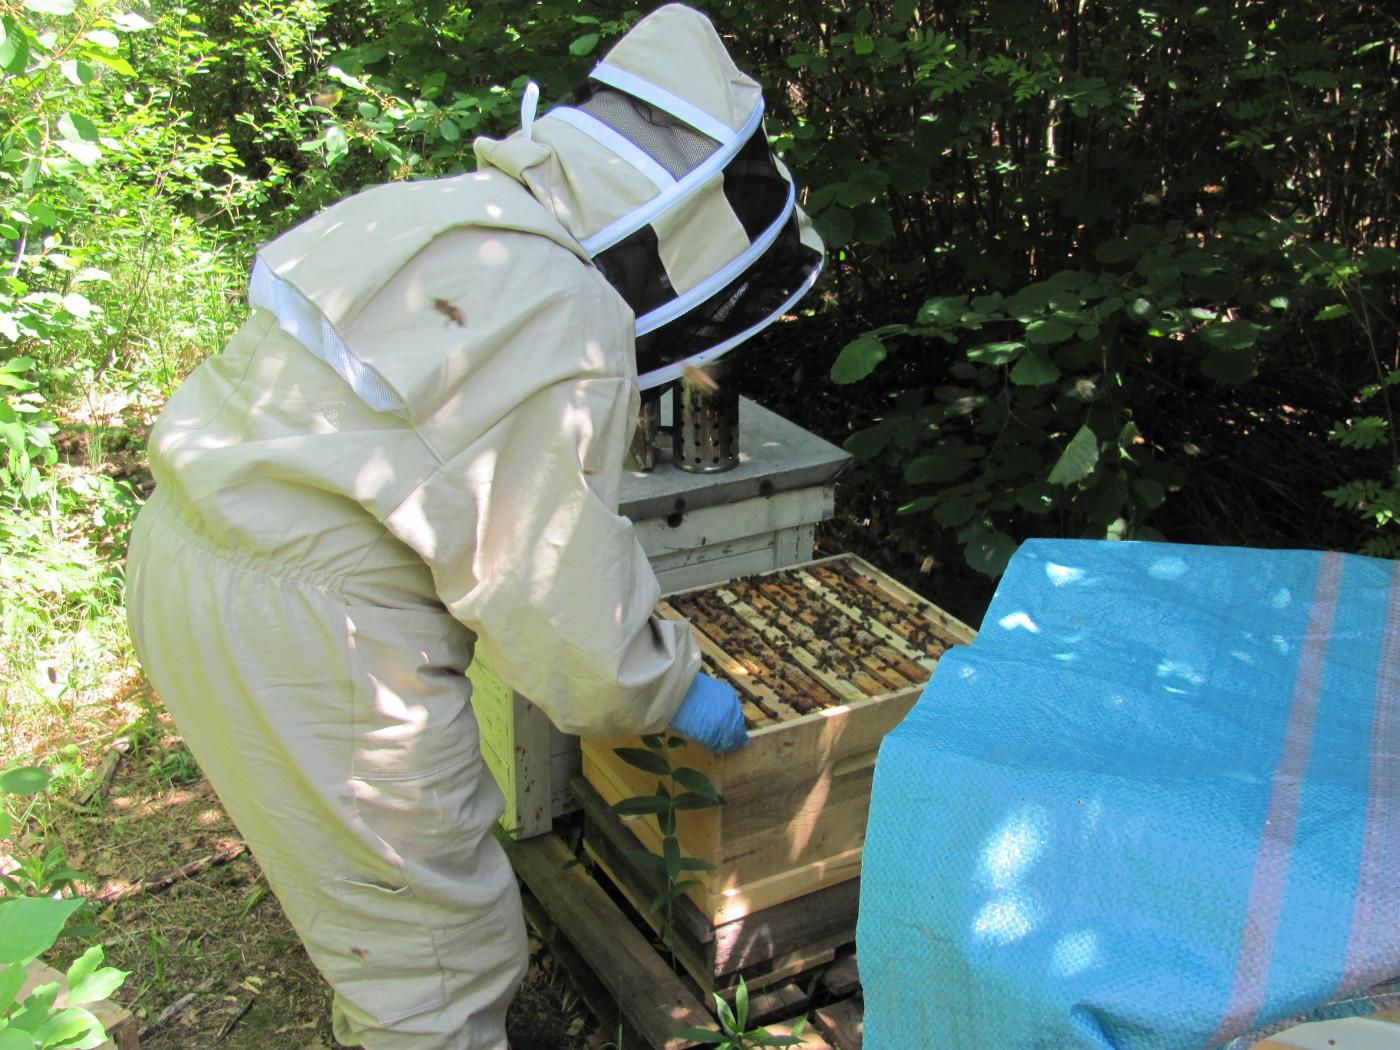 Eliza pszczelarzy